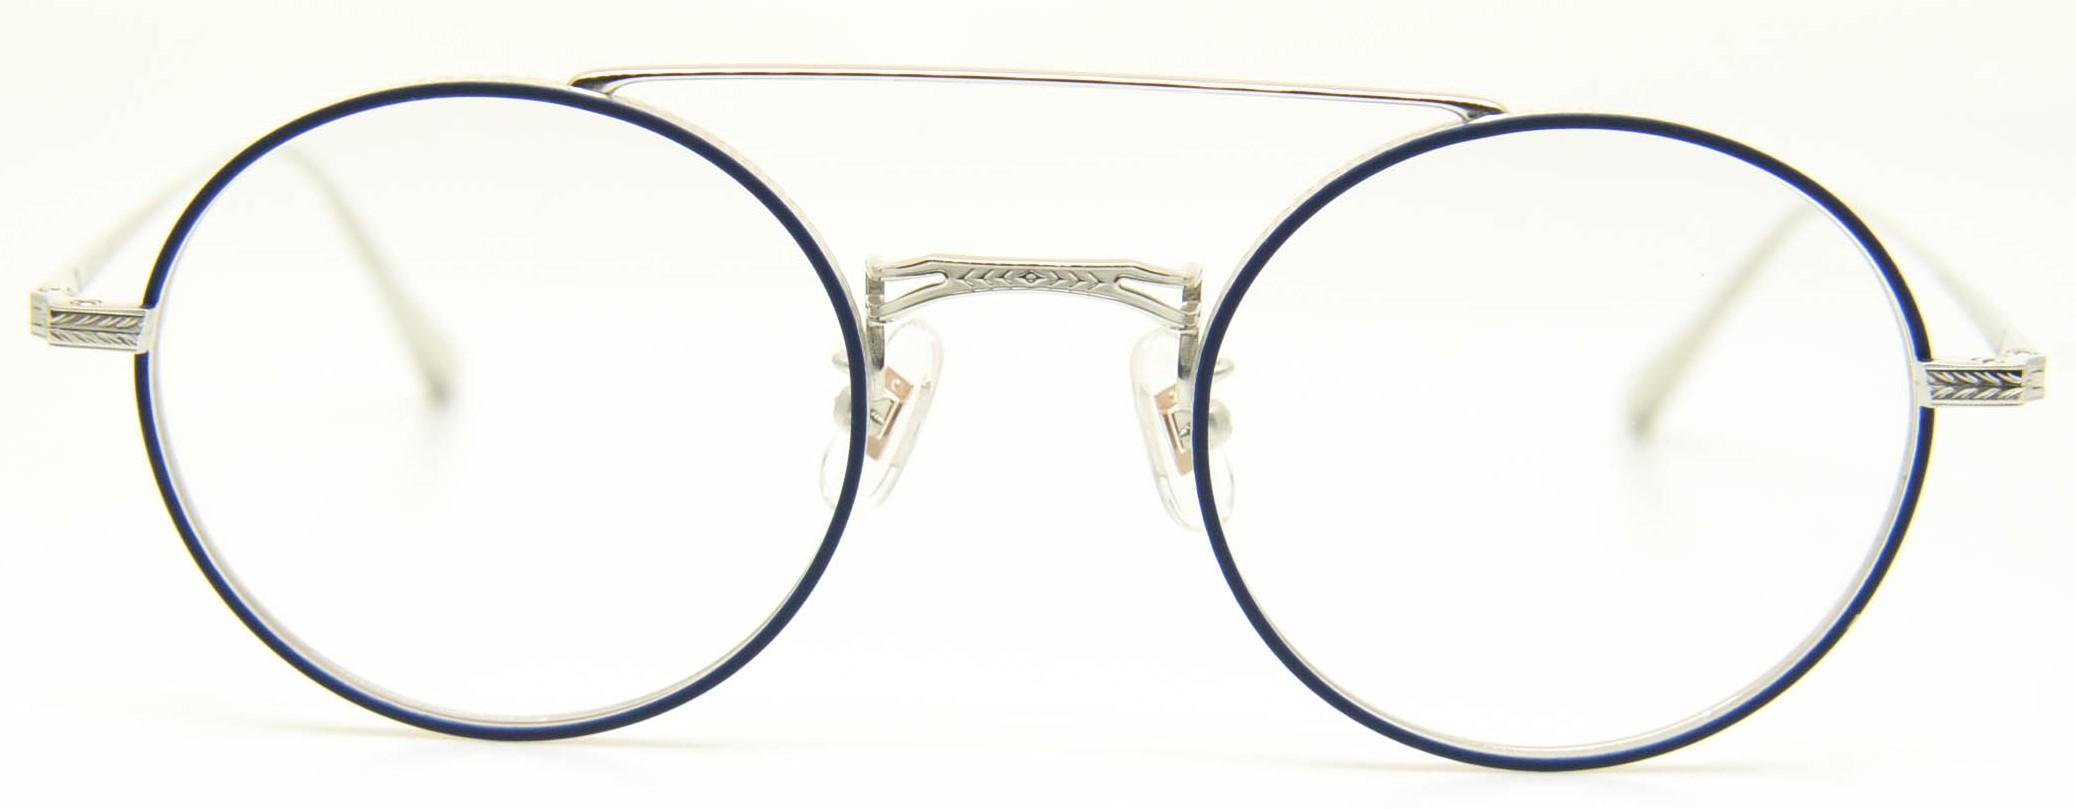 眼鏡のカラータイプ【Front】